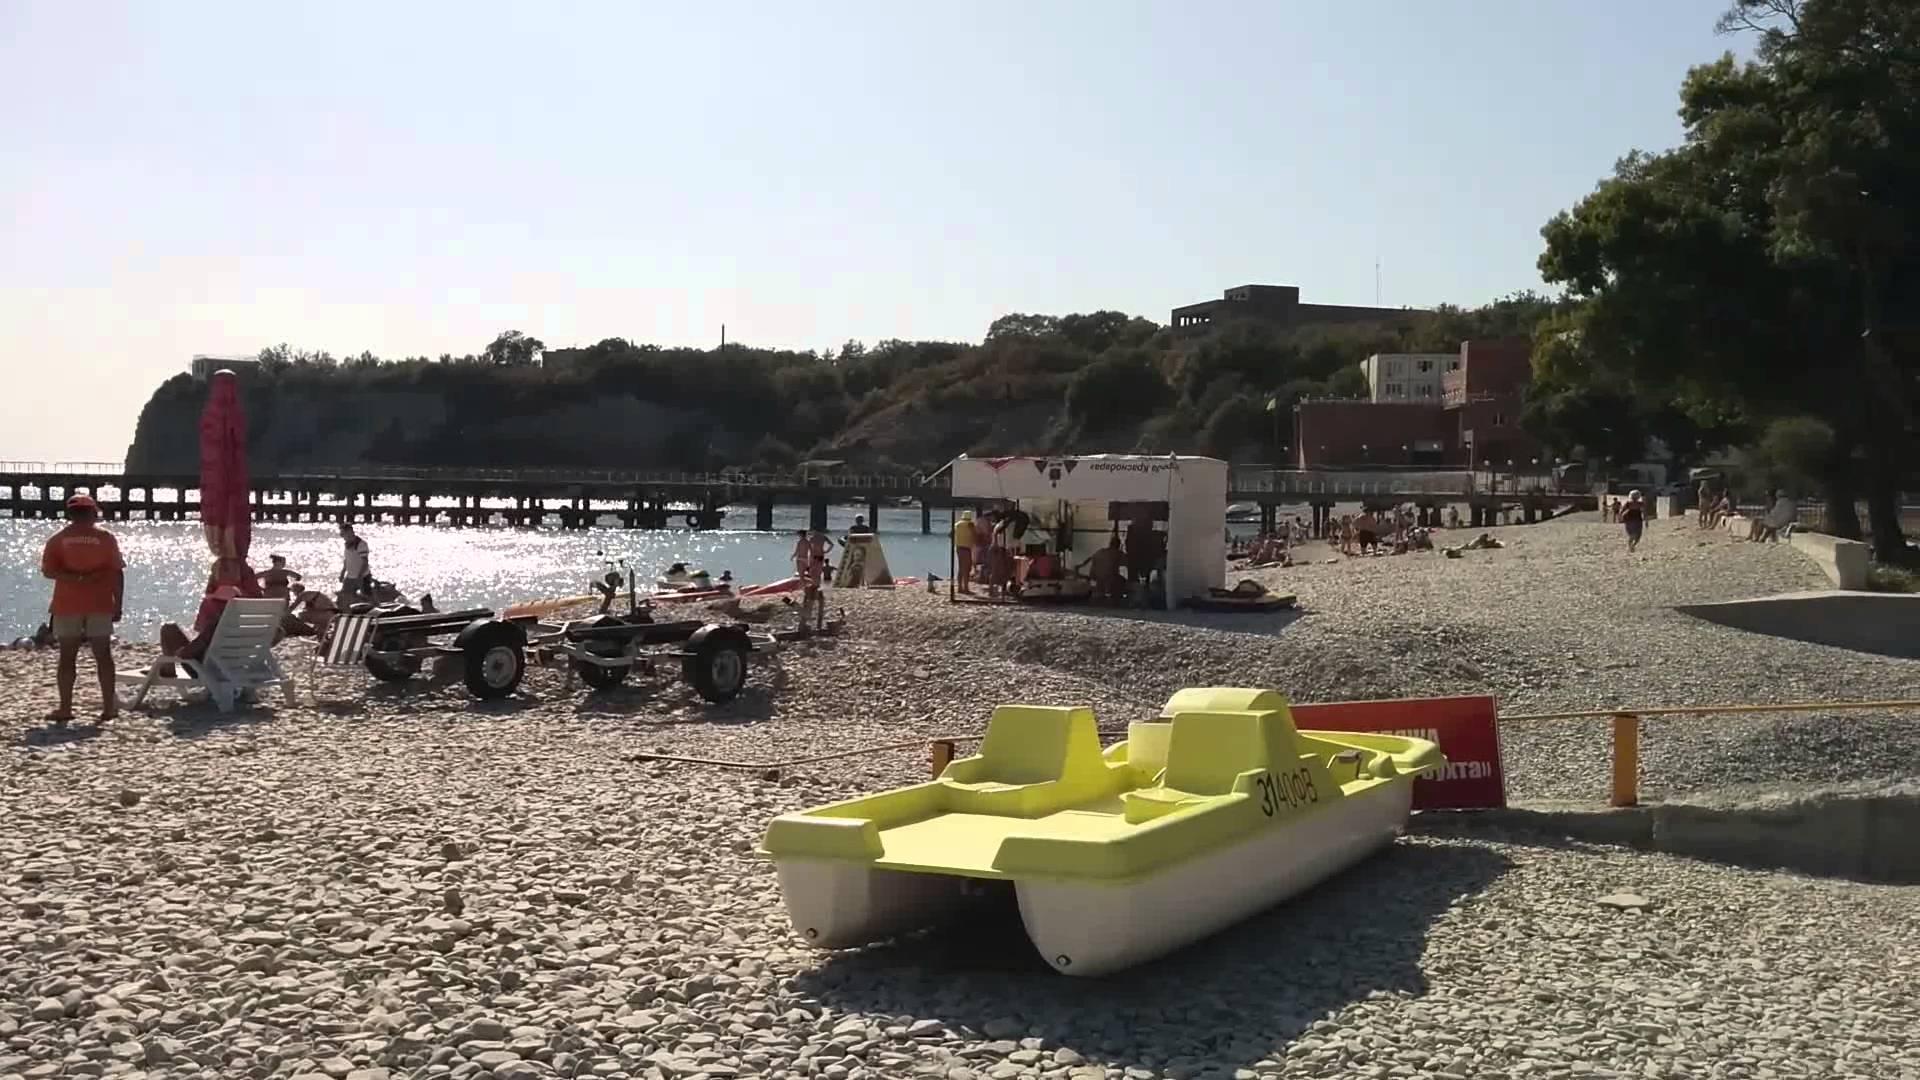 Геленджик в 2018 году отели цены пляжи транспорт